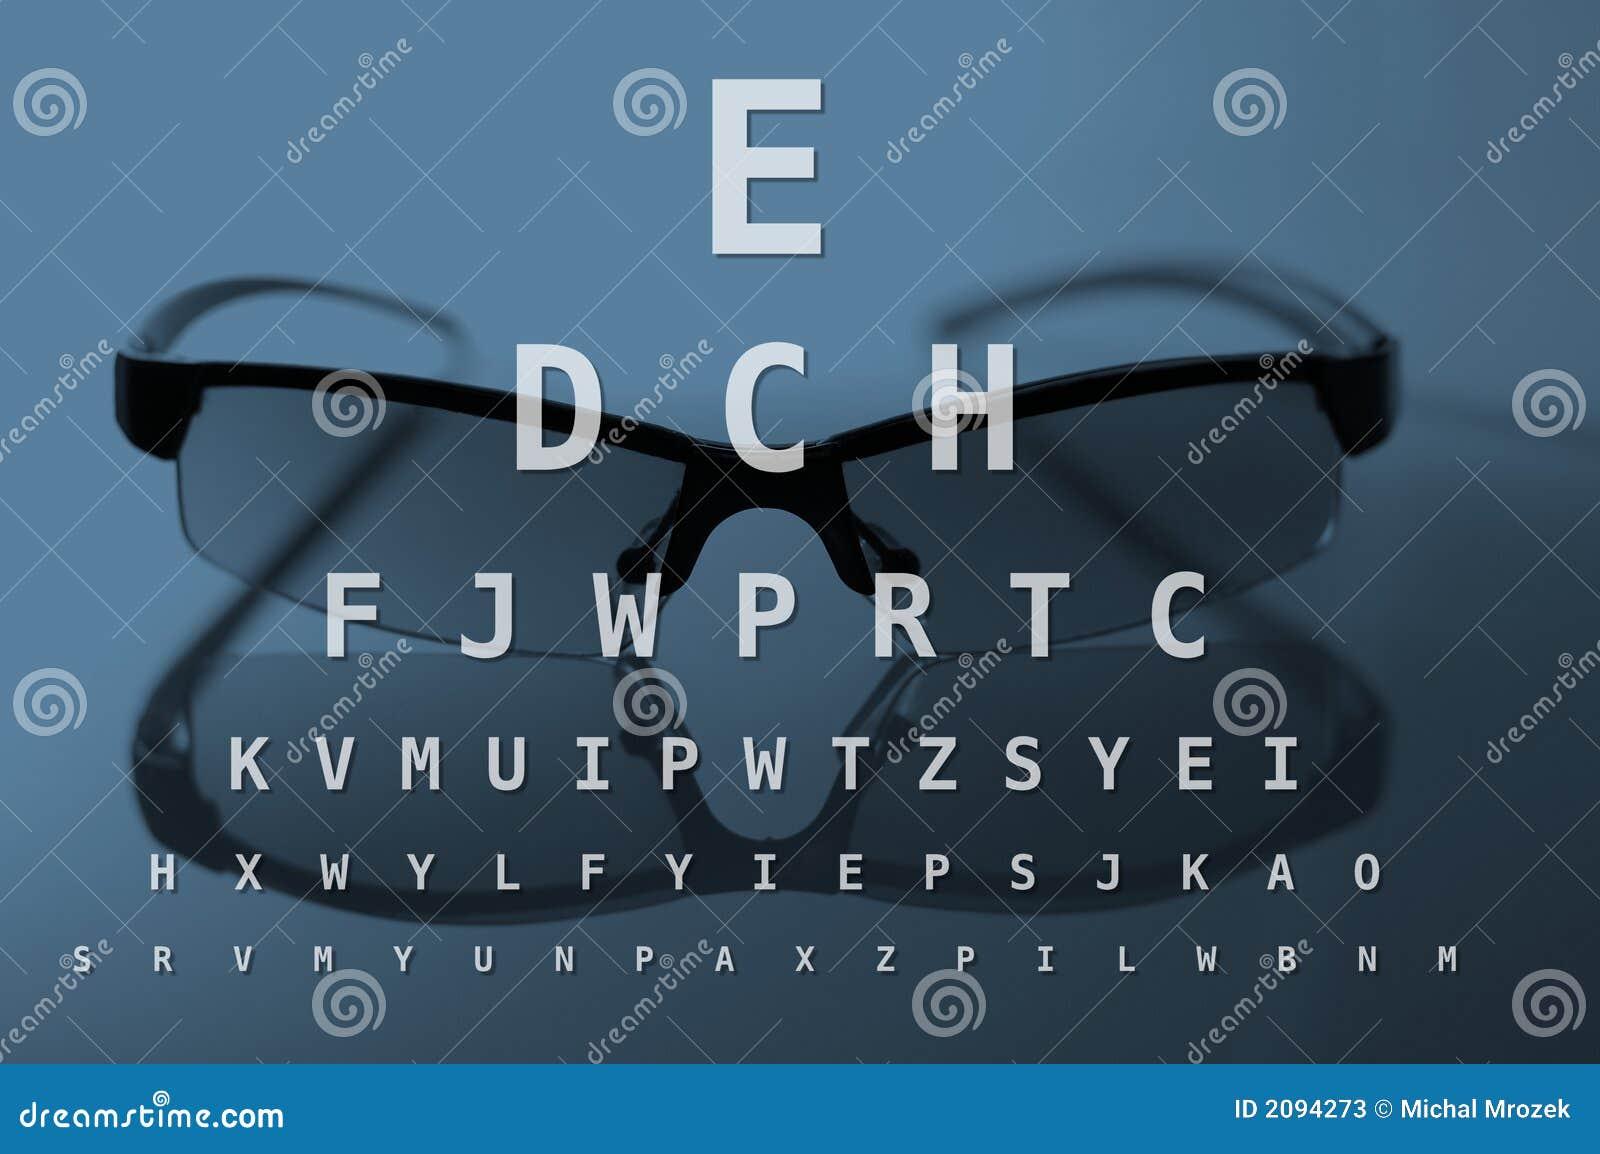 Mapy szklanek badanie oczu